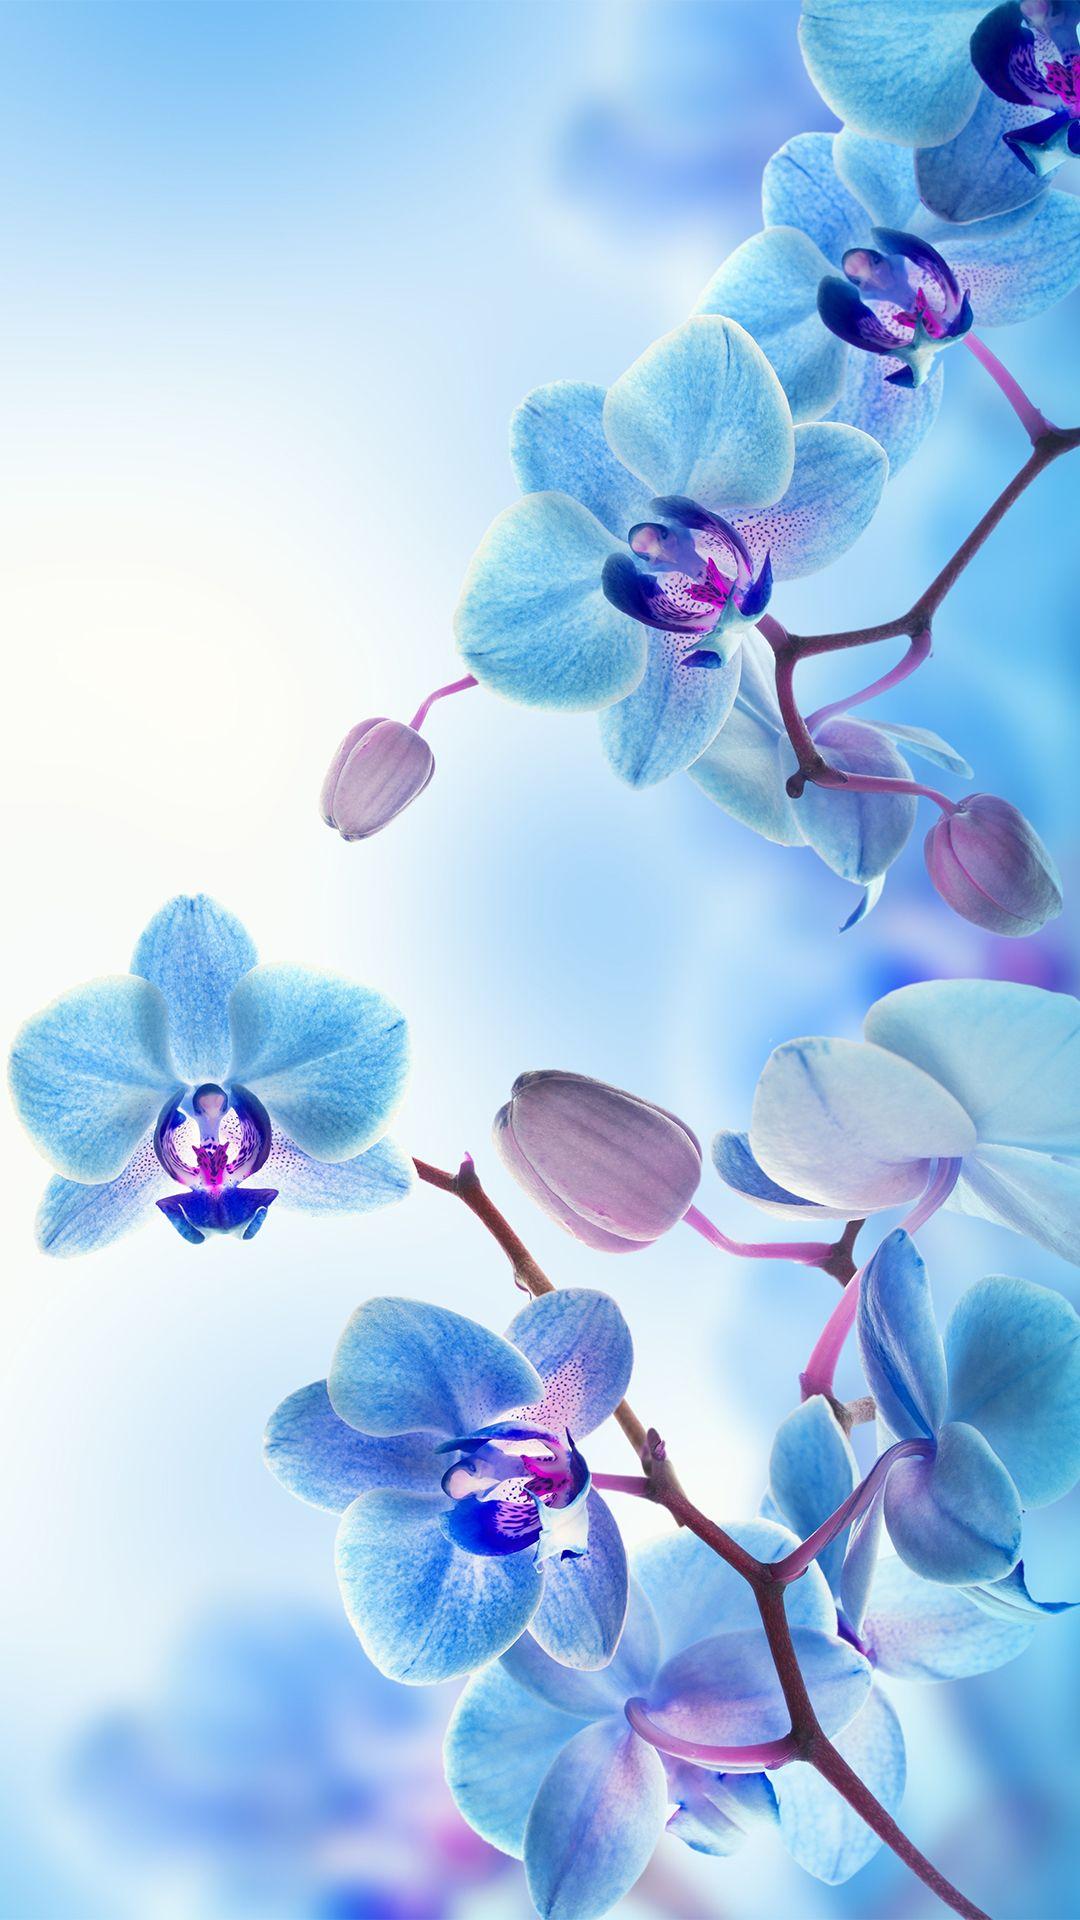 Wallpaper Pentru Iphone Ipod Si Ipad 04 07 2016 Idevice Ro Ipad Wallpaper Watercolor Orchid Wallpaper Blue Flower Wallpaper Fantastic orchid flower wallpaper